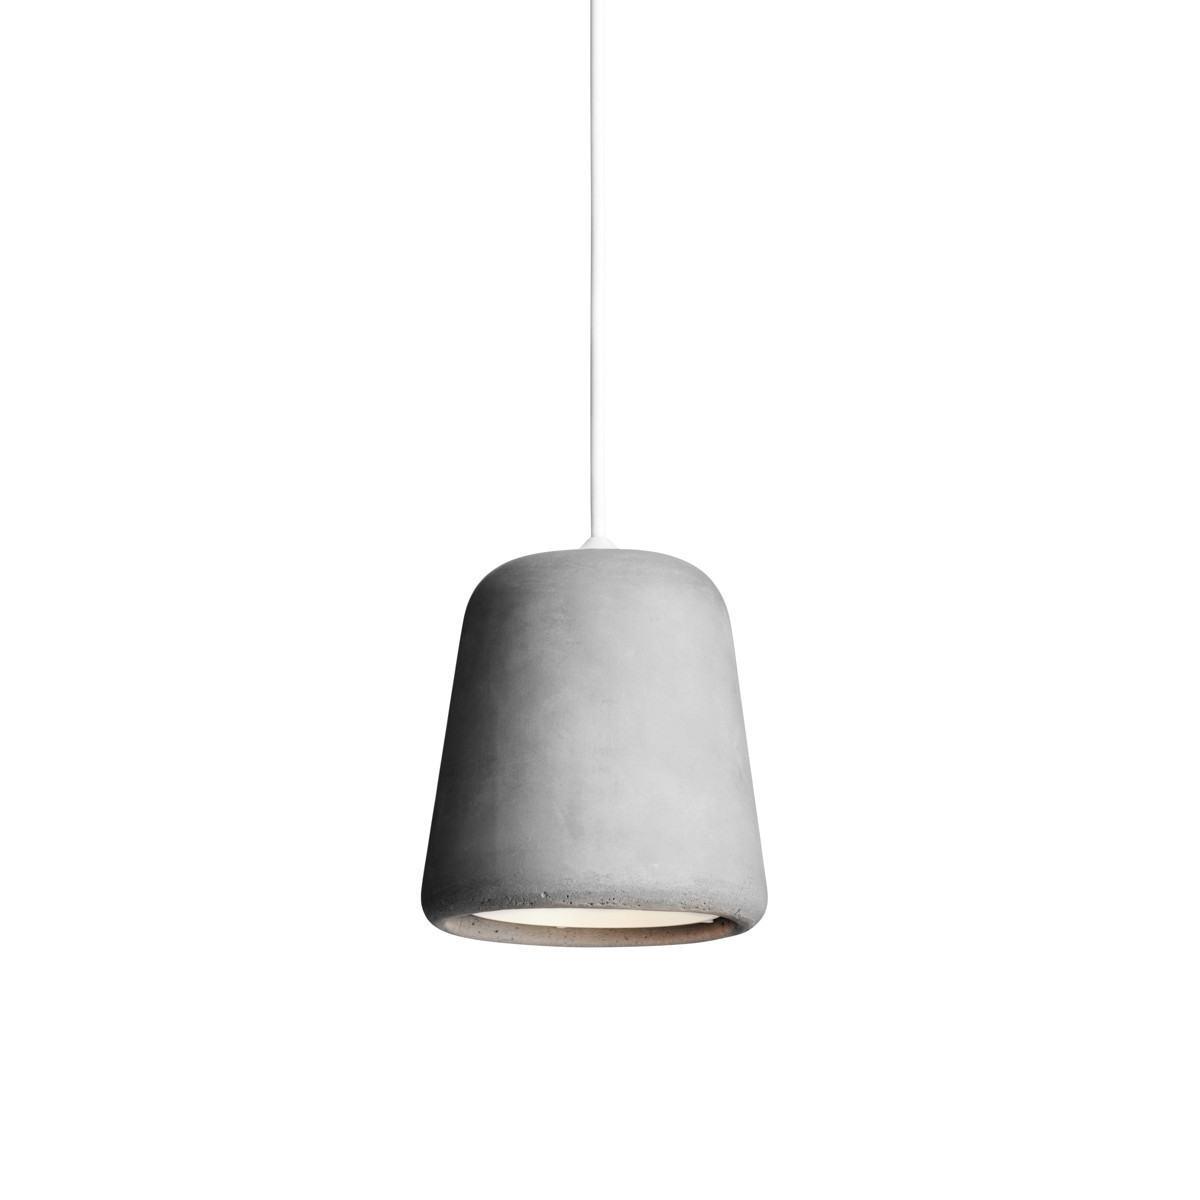 New Works Material Pendant Light - White Fitting